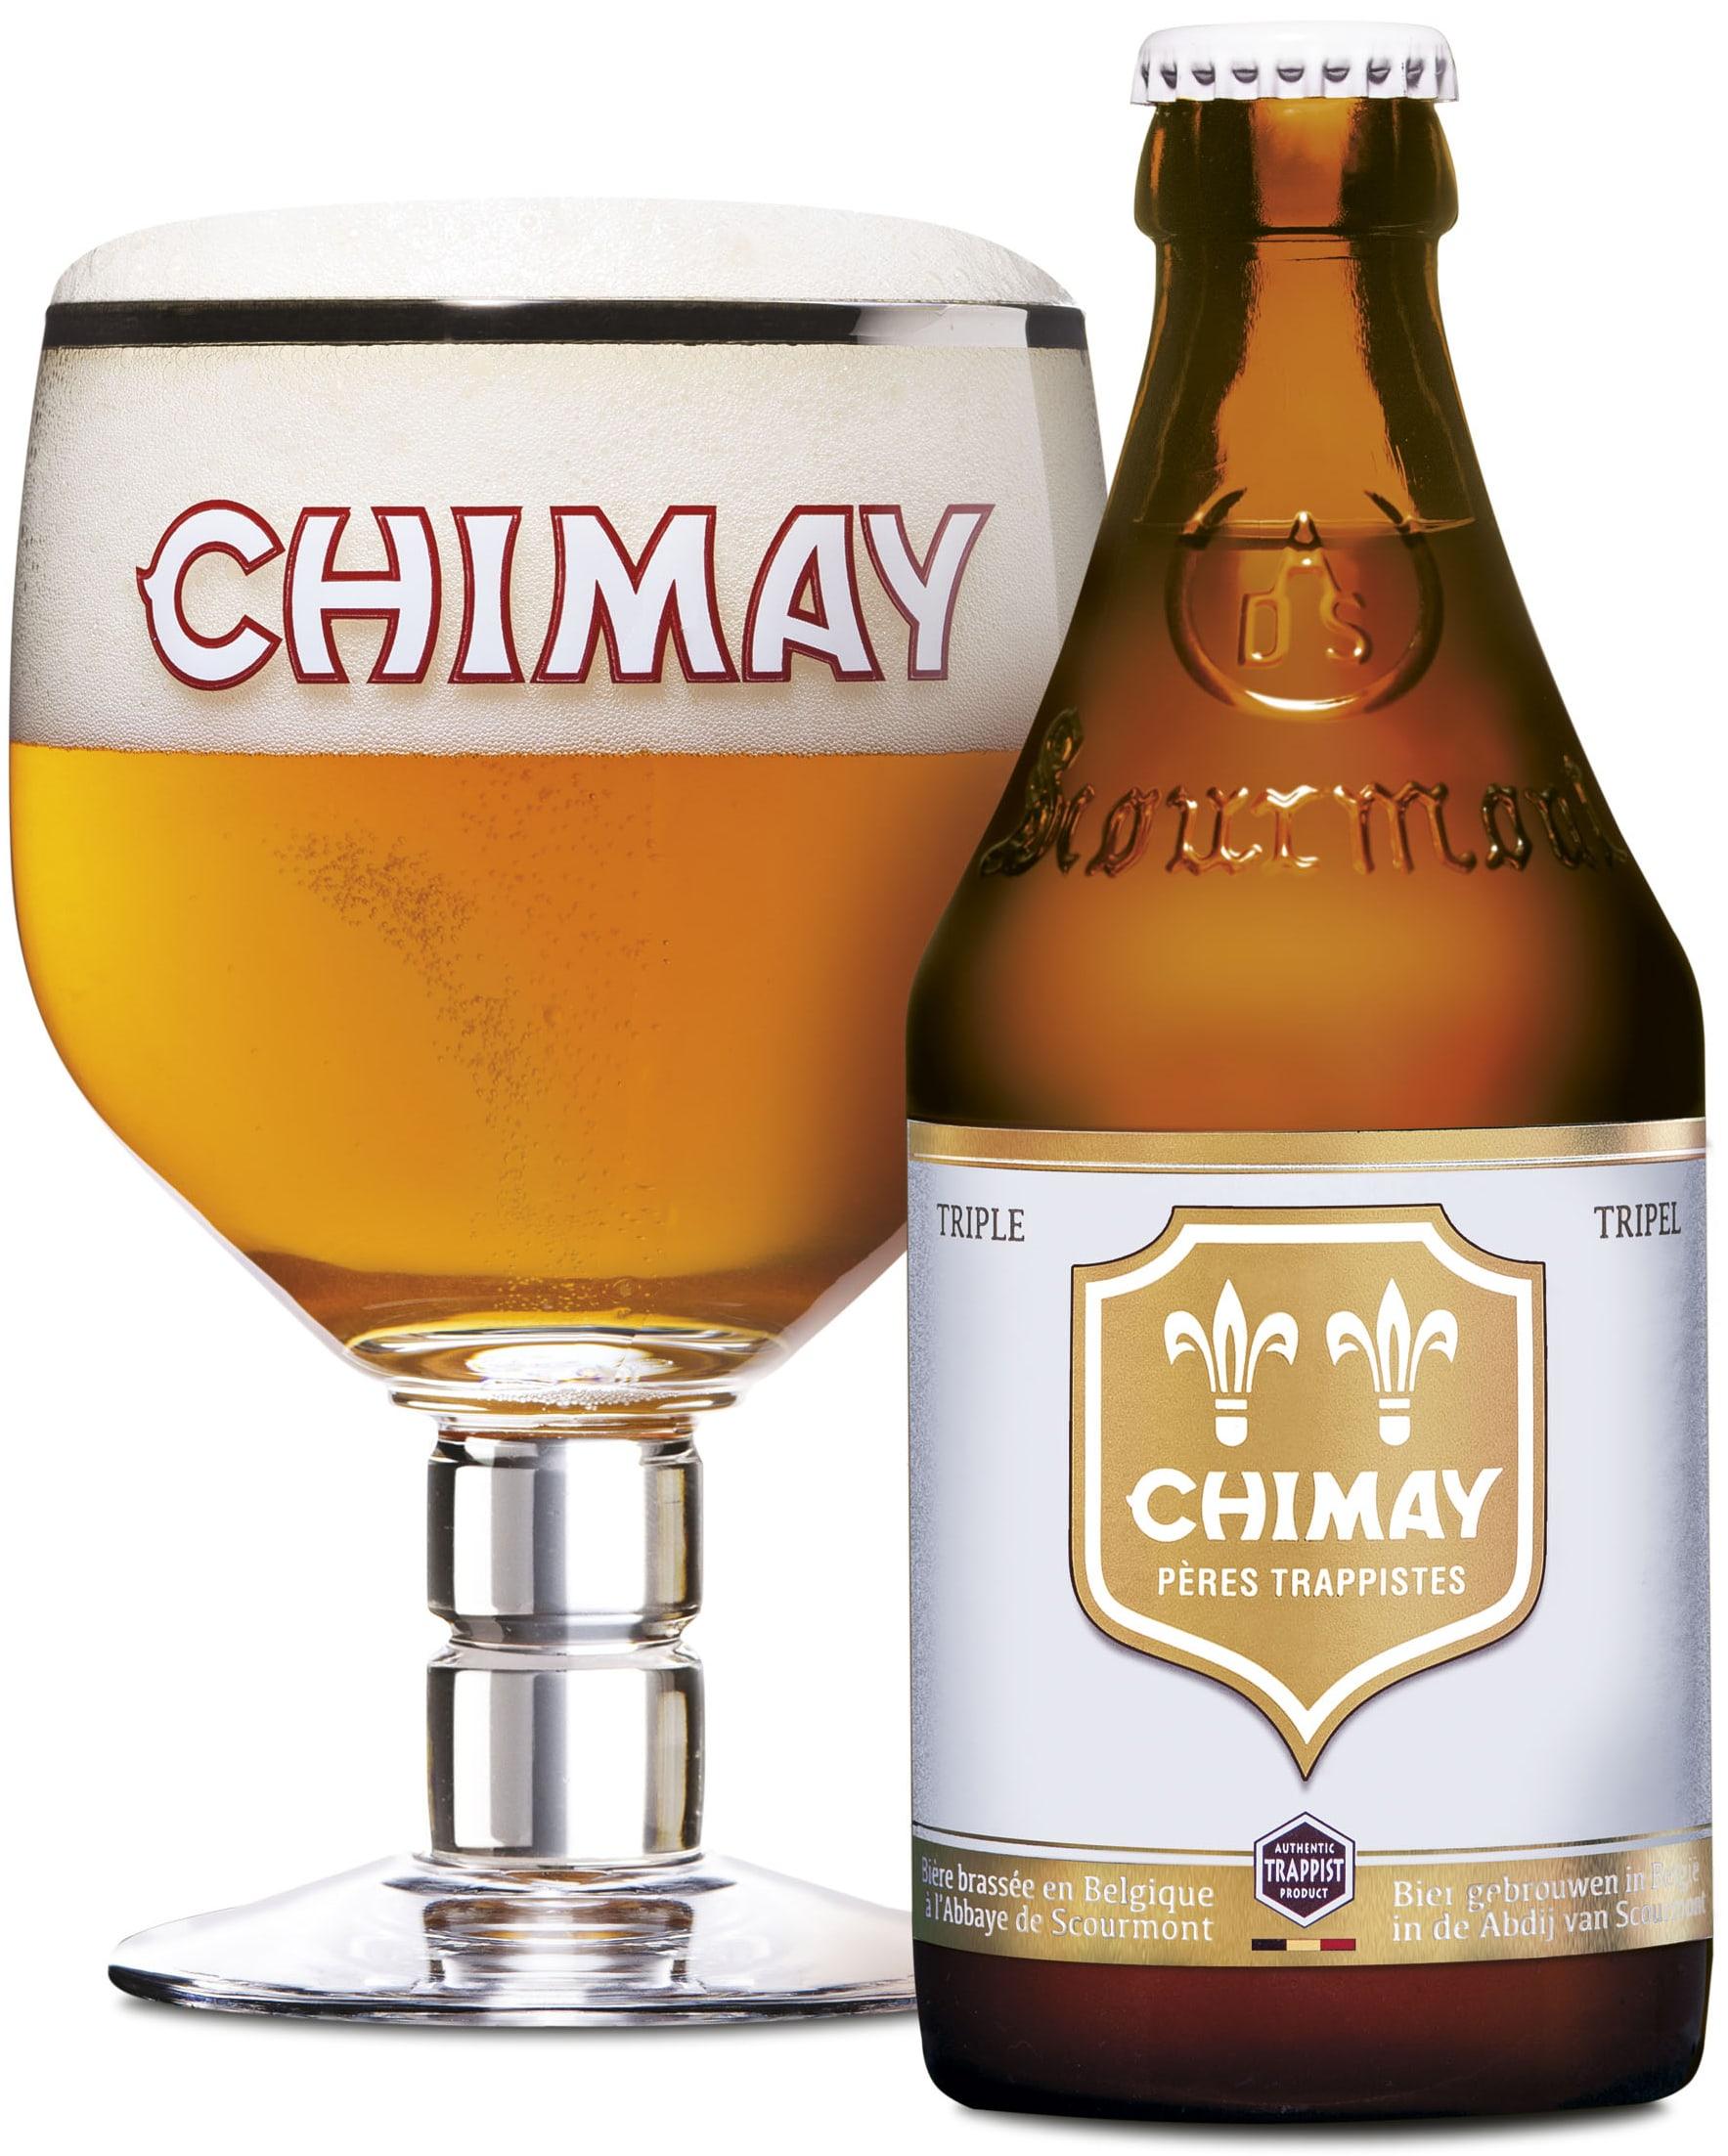 Chimay пиво